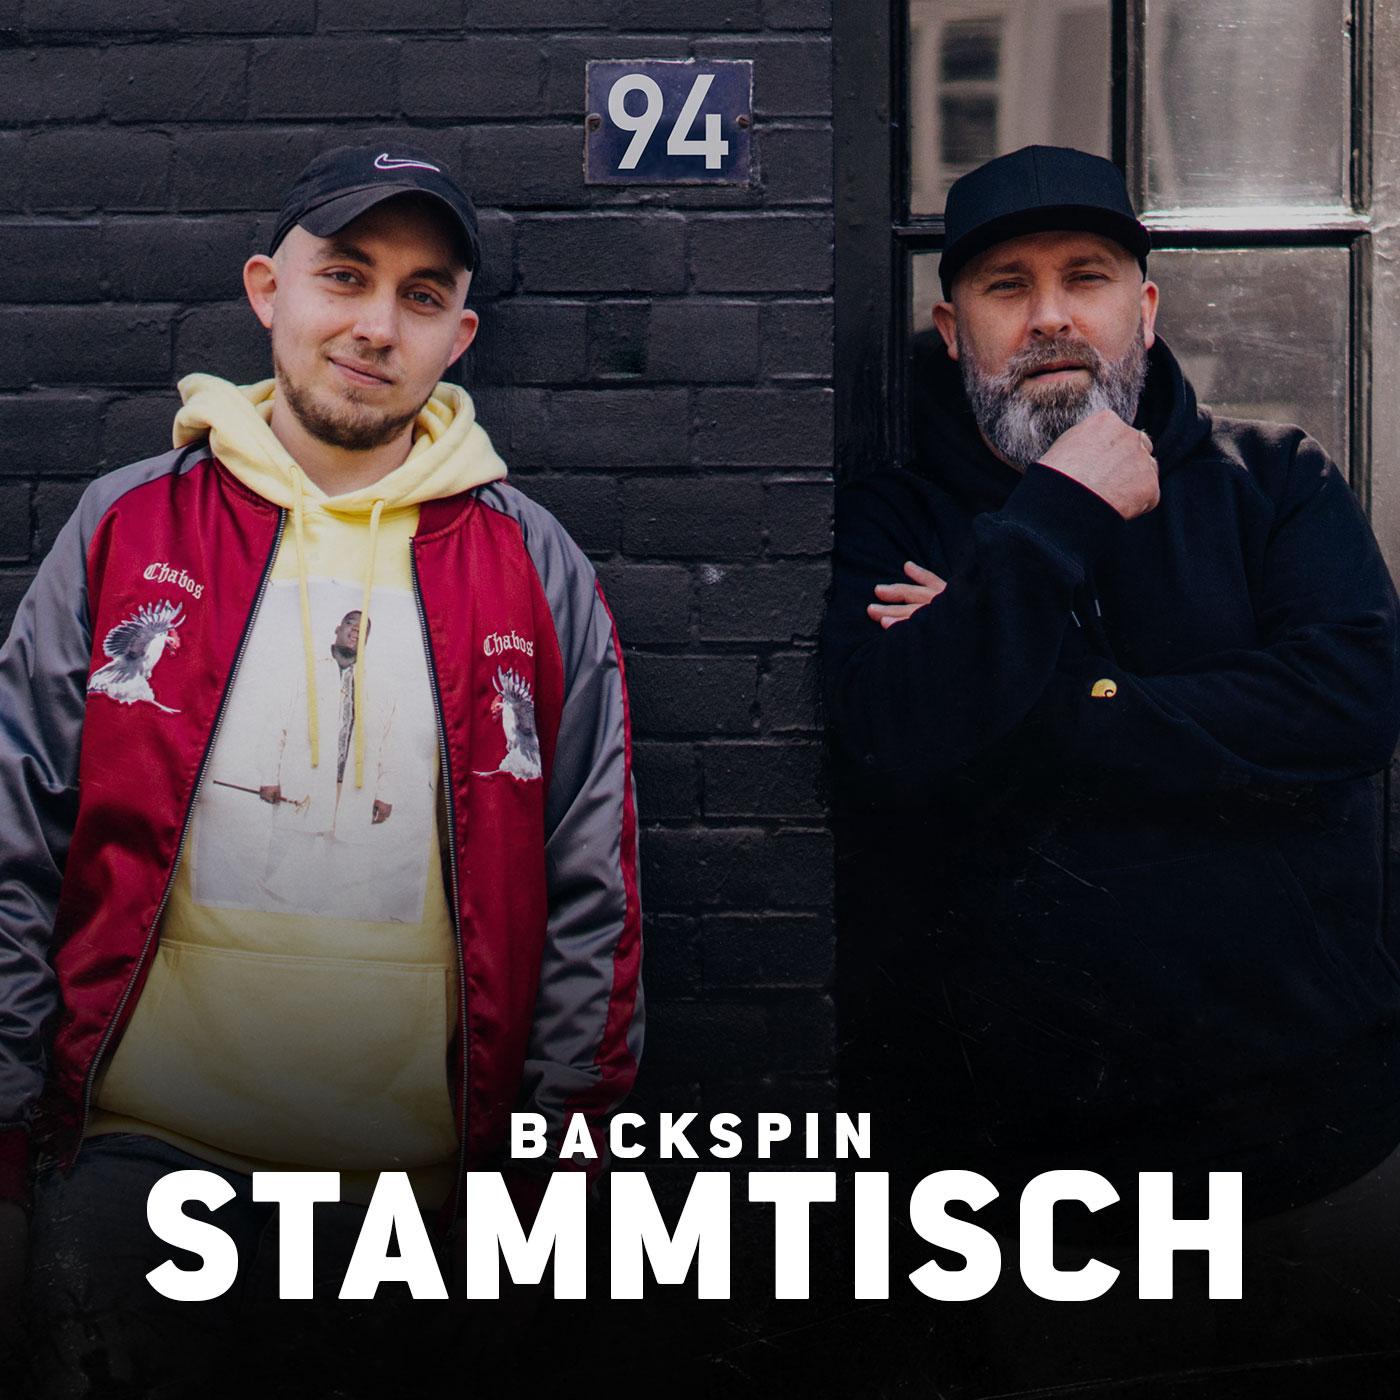 #257 - Enoq und Torky Tork zu Gast: Braucht es eine persönliche Bindung zwischen Rapper und Producer | Stammtisch